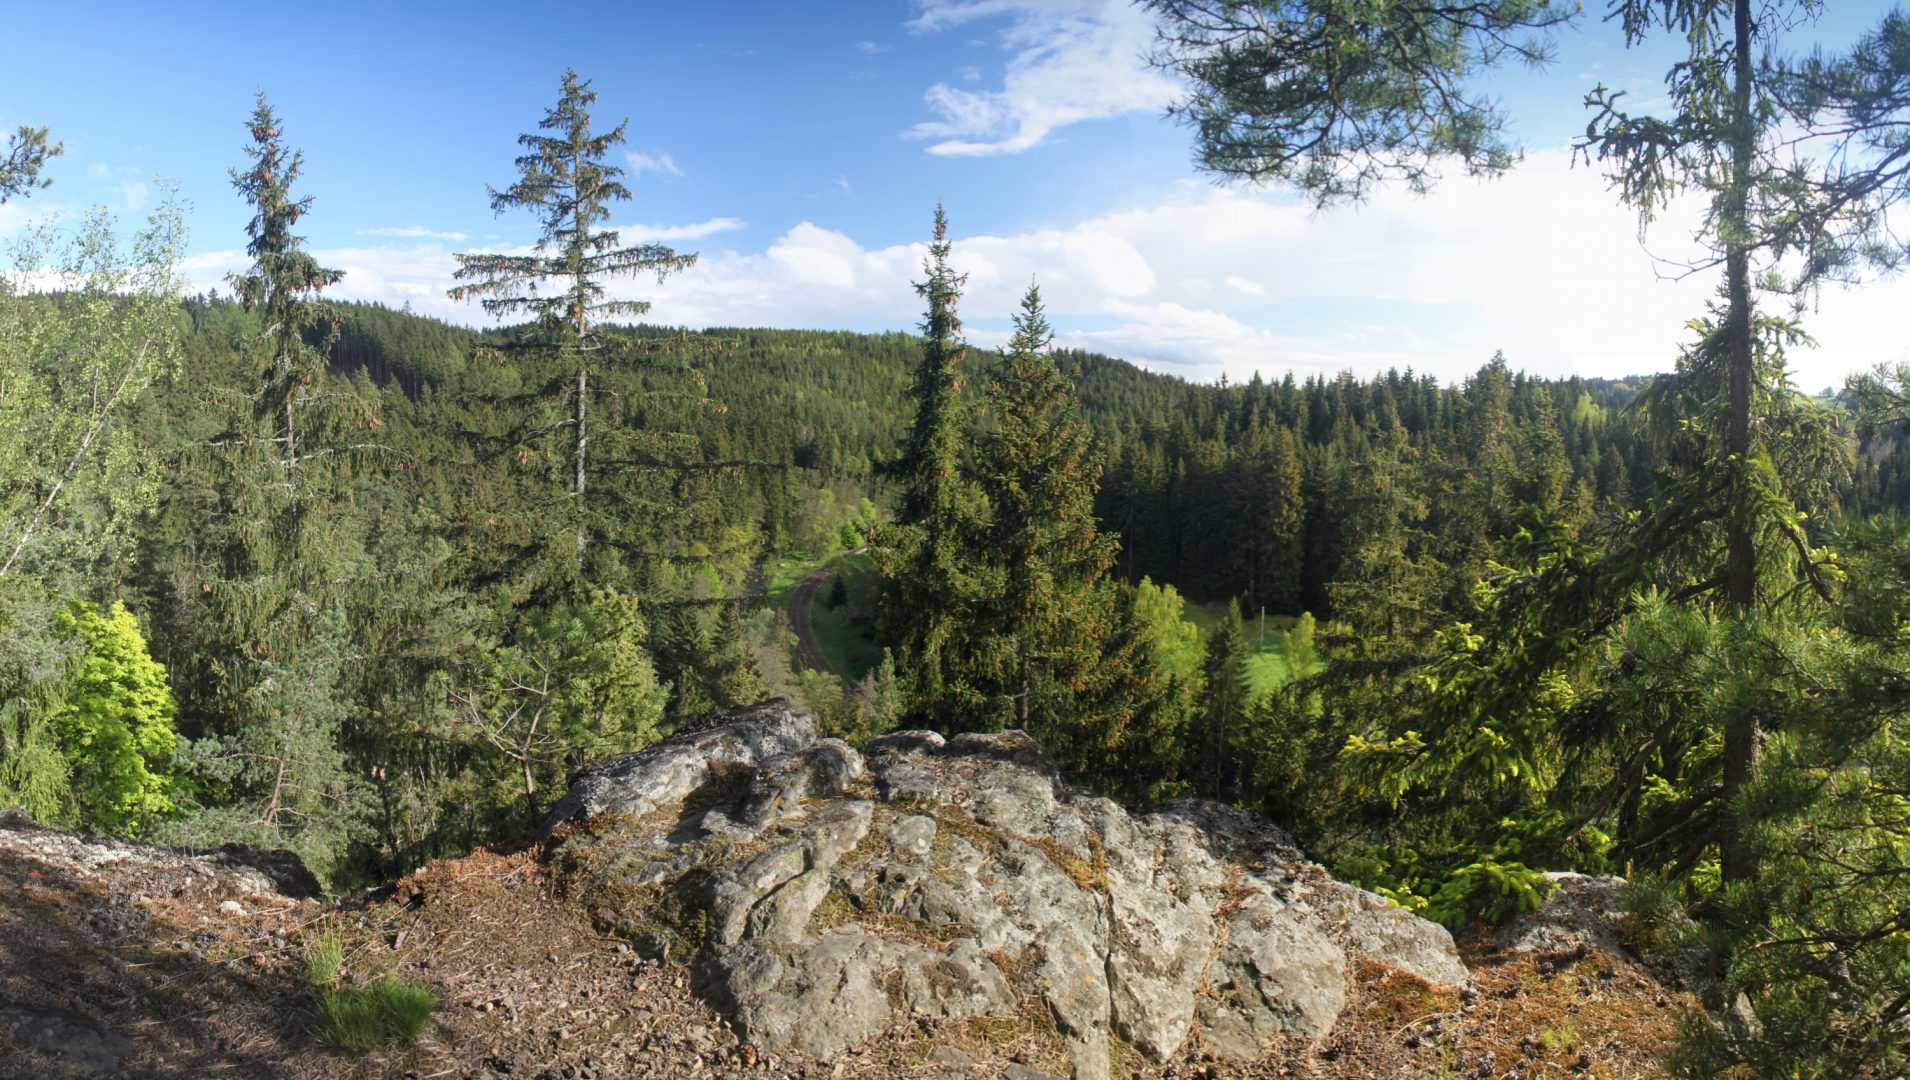 Slavkovský les, Karlovy Vary, Czech Republic